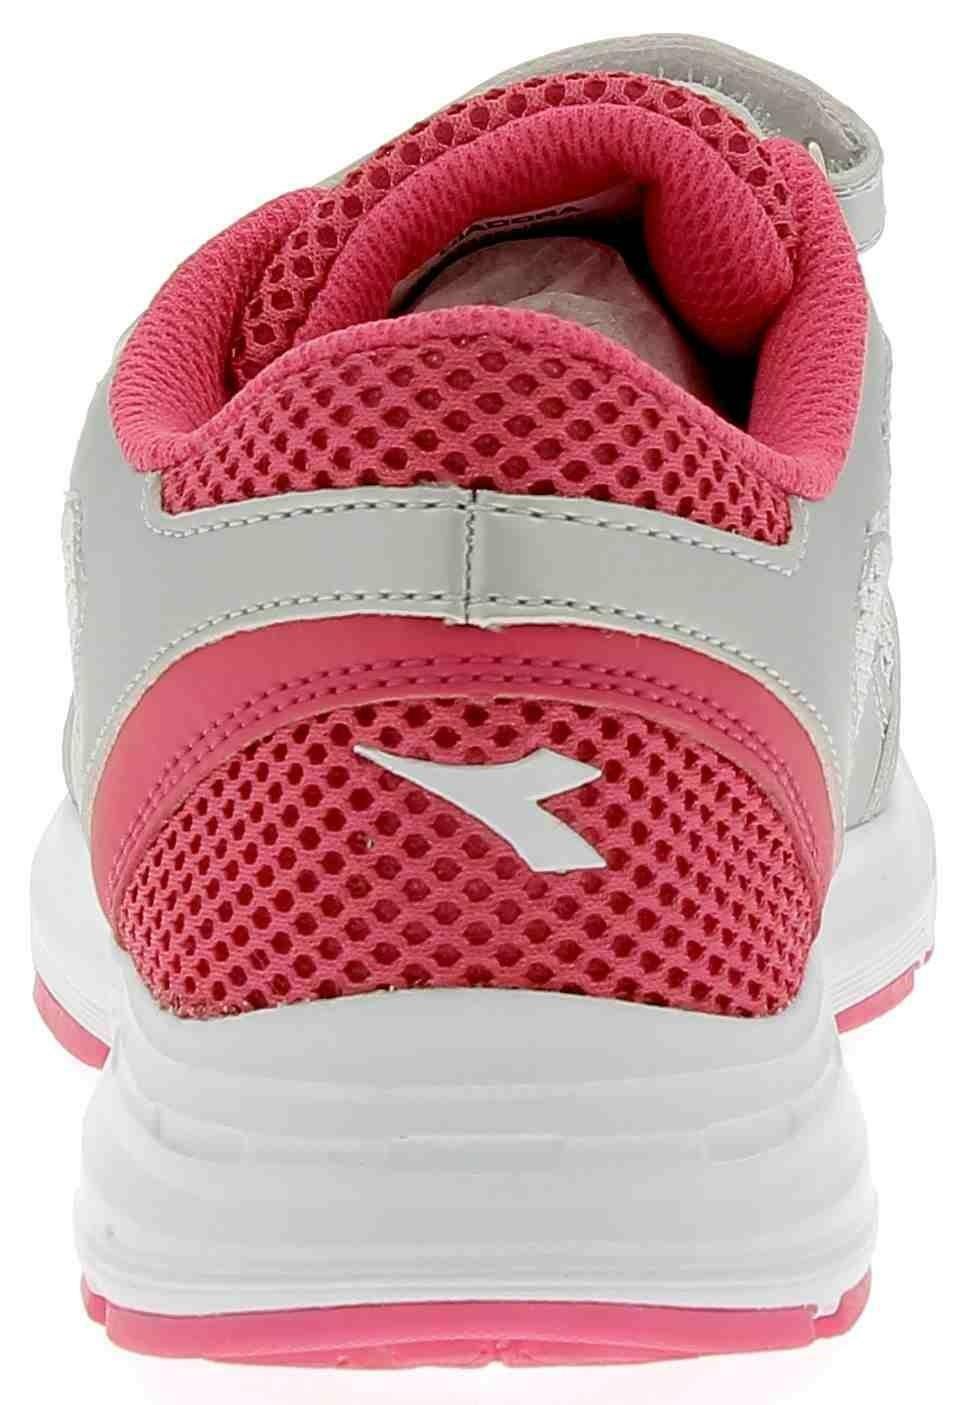 diadora diadora shape 7 v jr scarpe sportive bambina grigie 171269c457